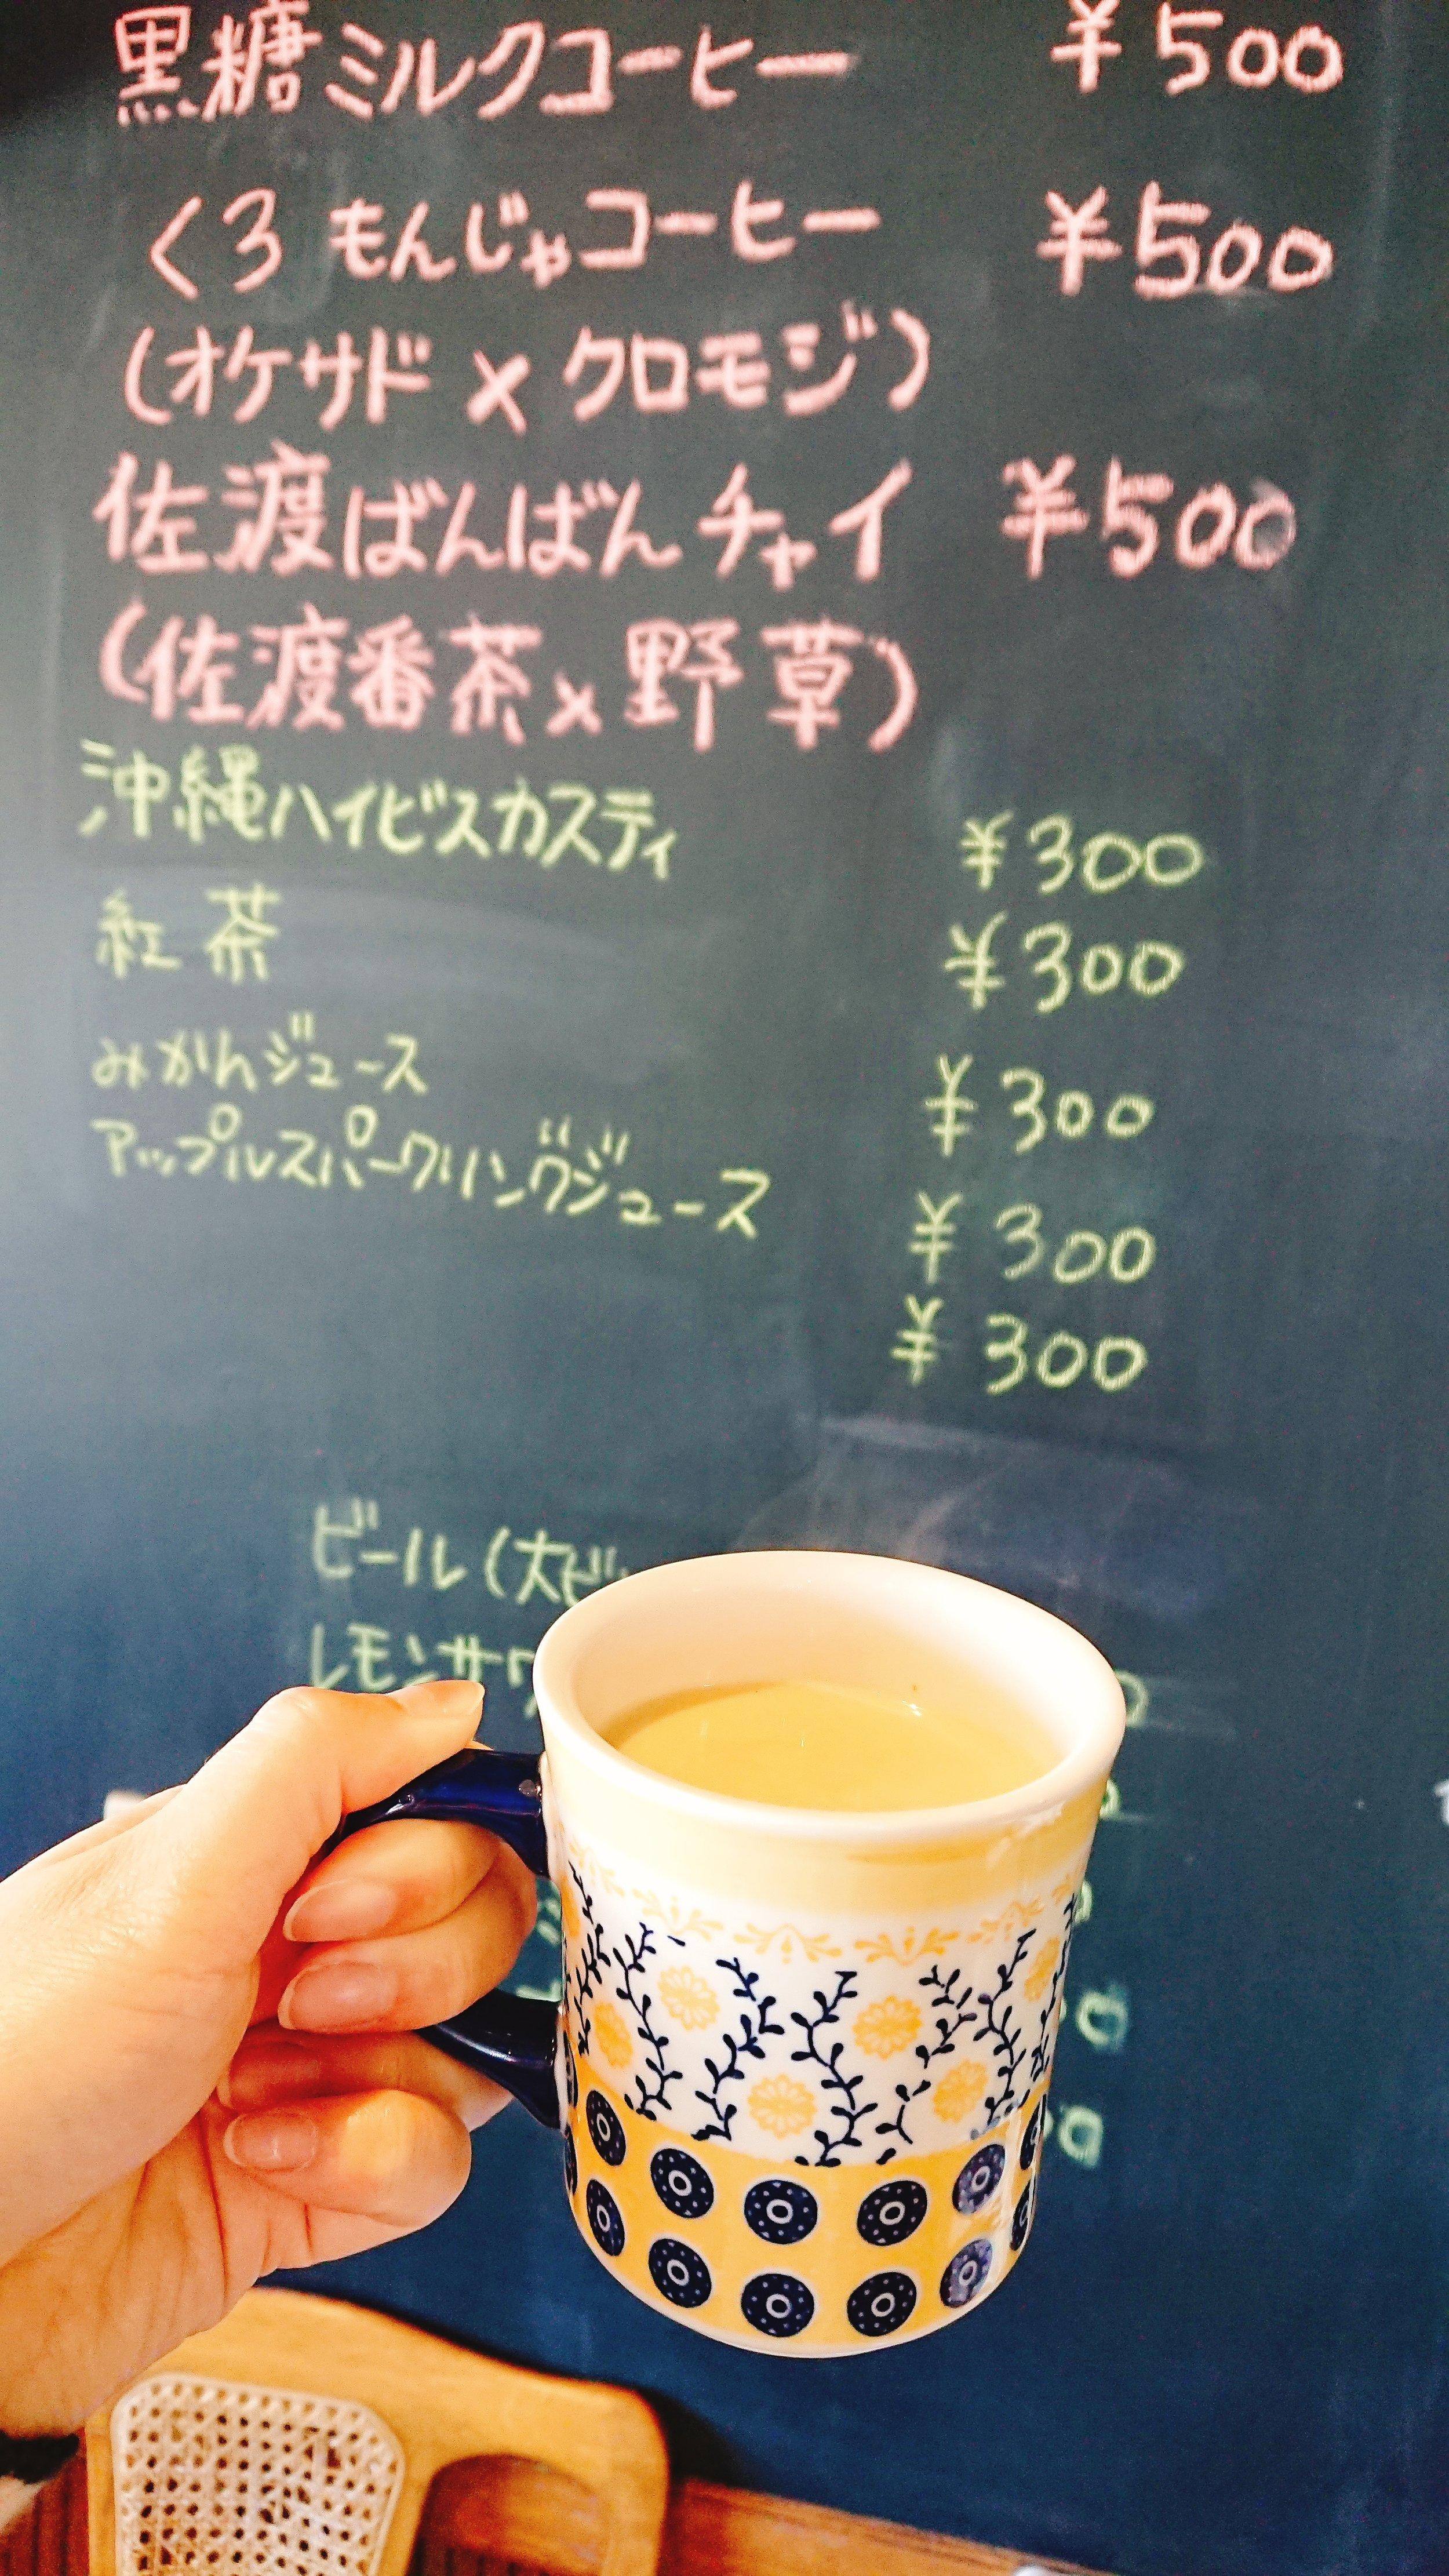 佐渡ばんばんチャイ(佐渡番茶×野草)